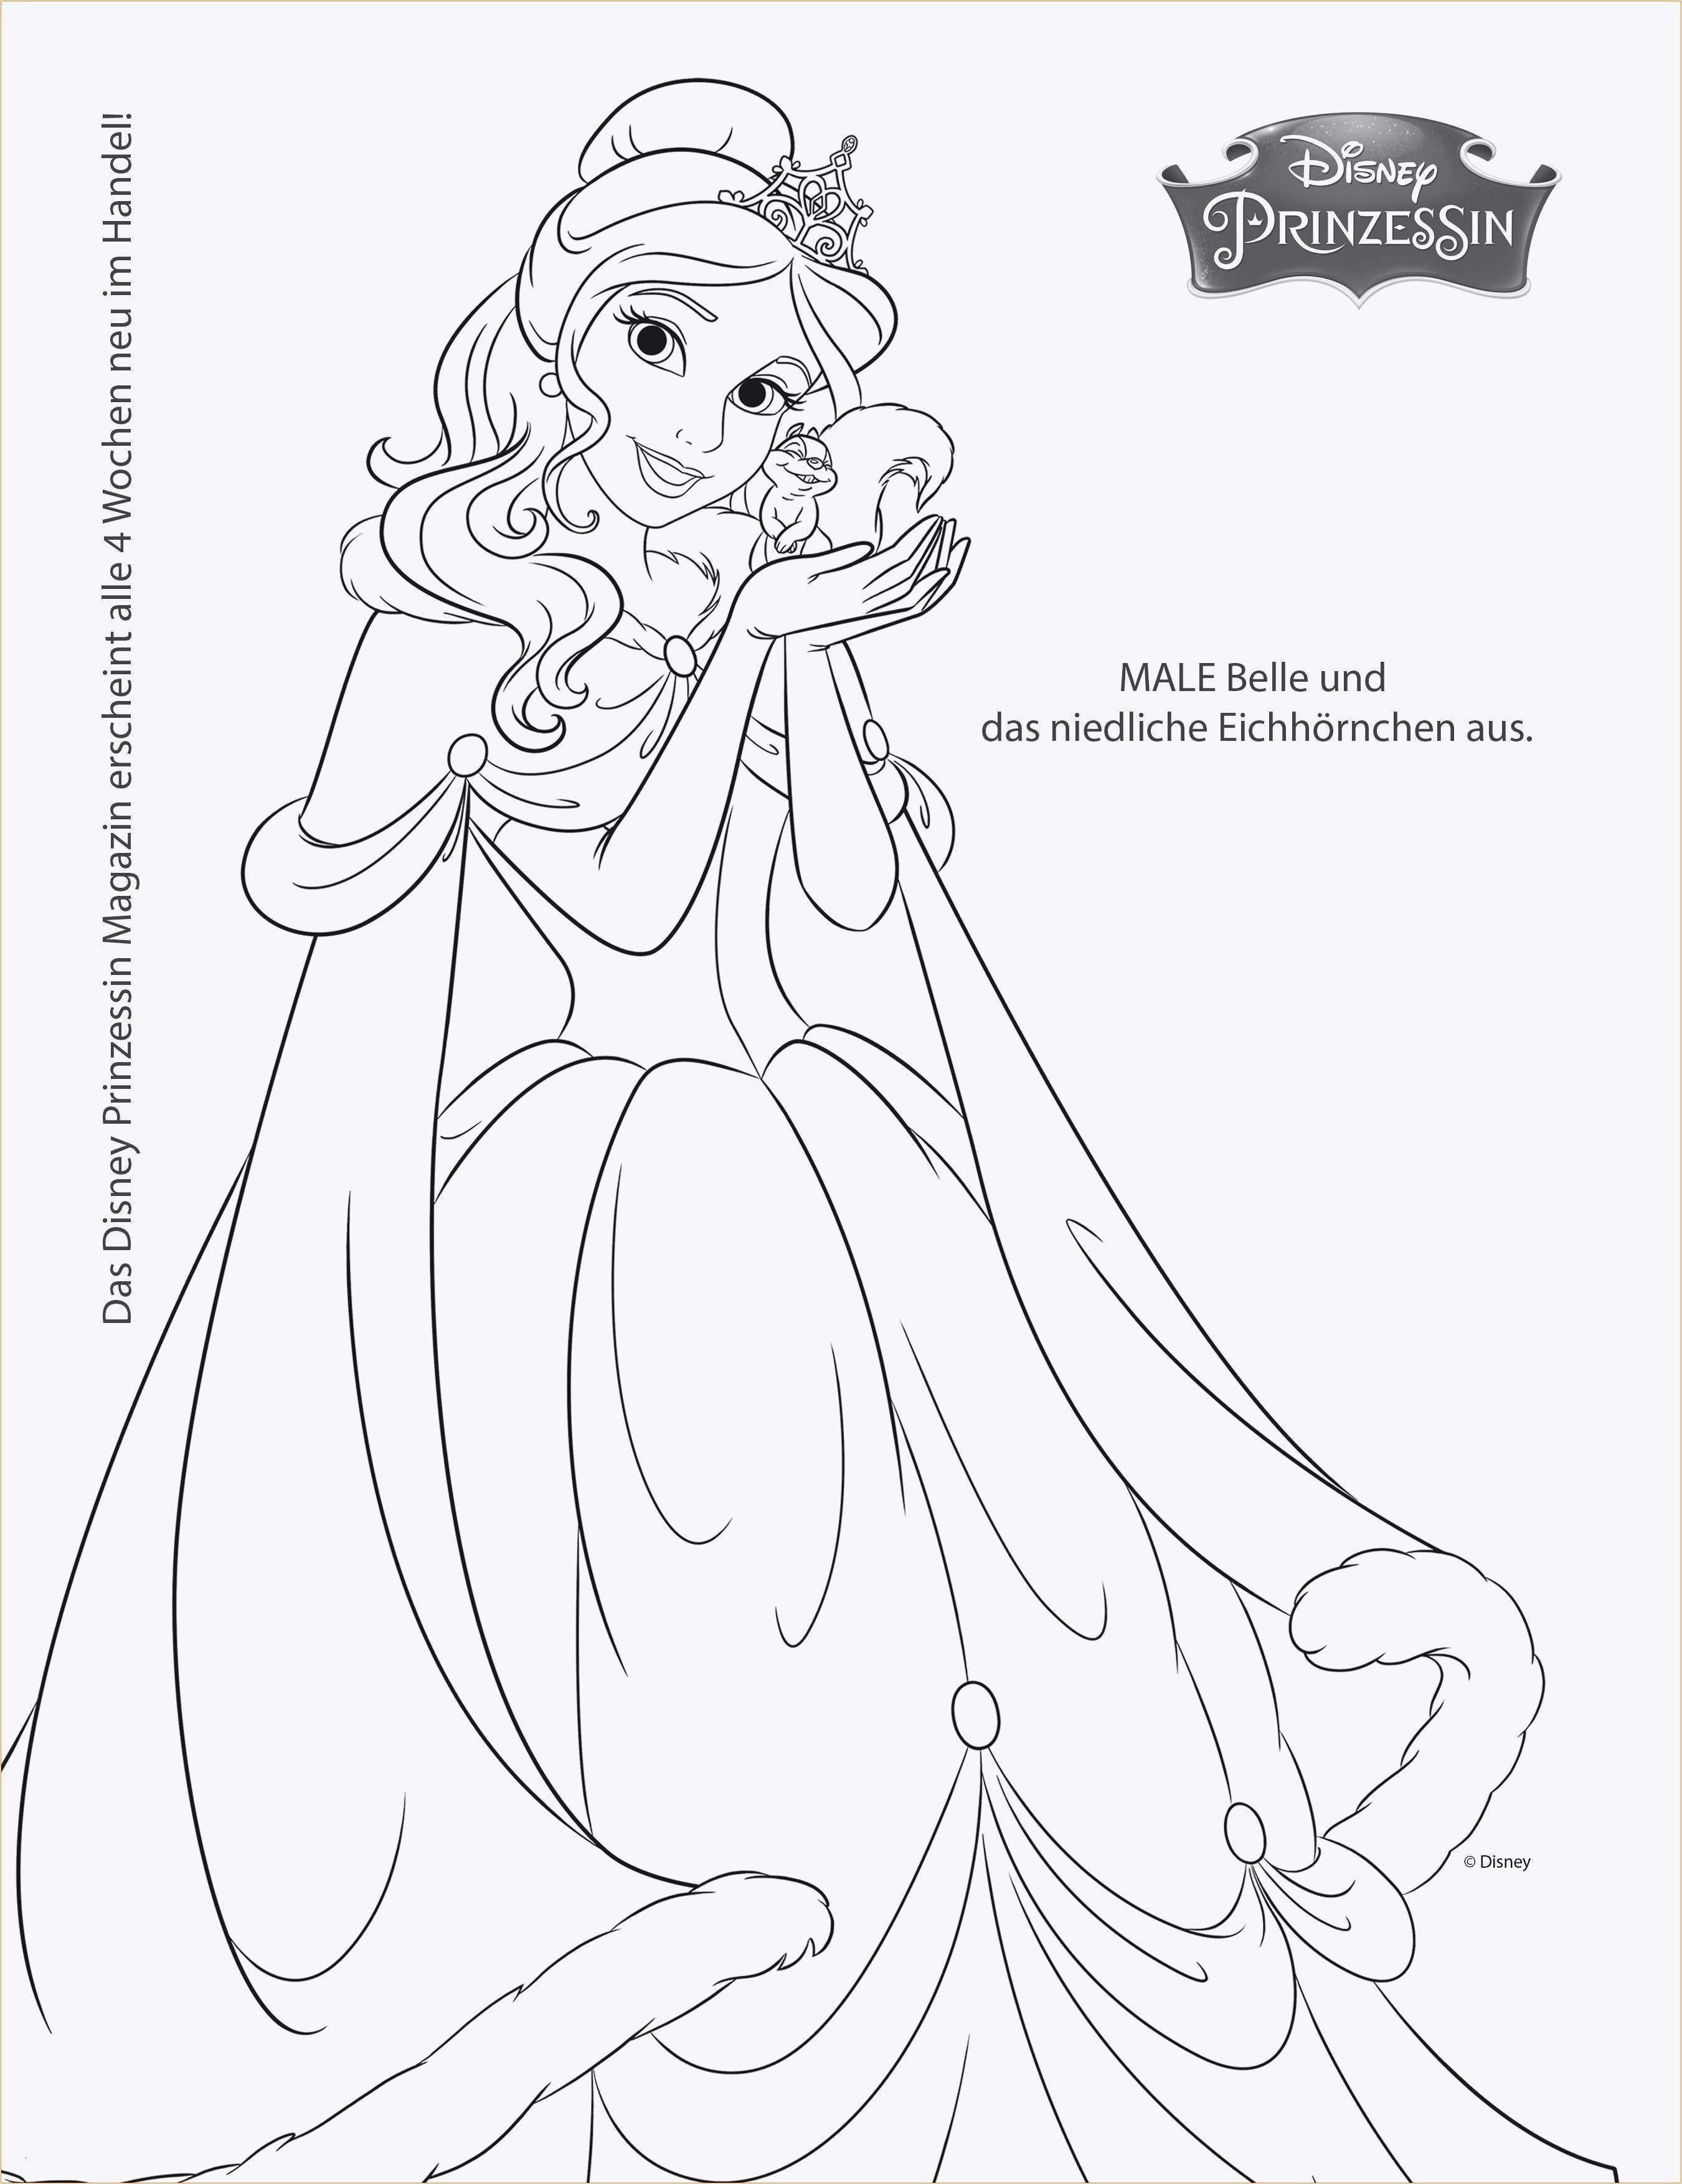 Ausmalbilder Prinzessin Neu Ausmalbilder Prinzessin Ausmalbilder Pony 0d Das Bild